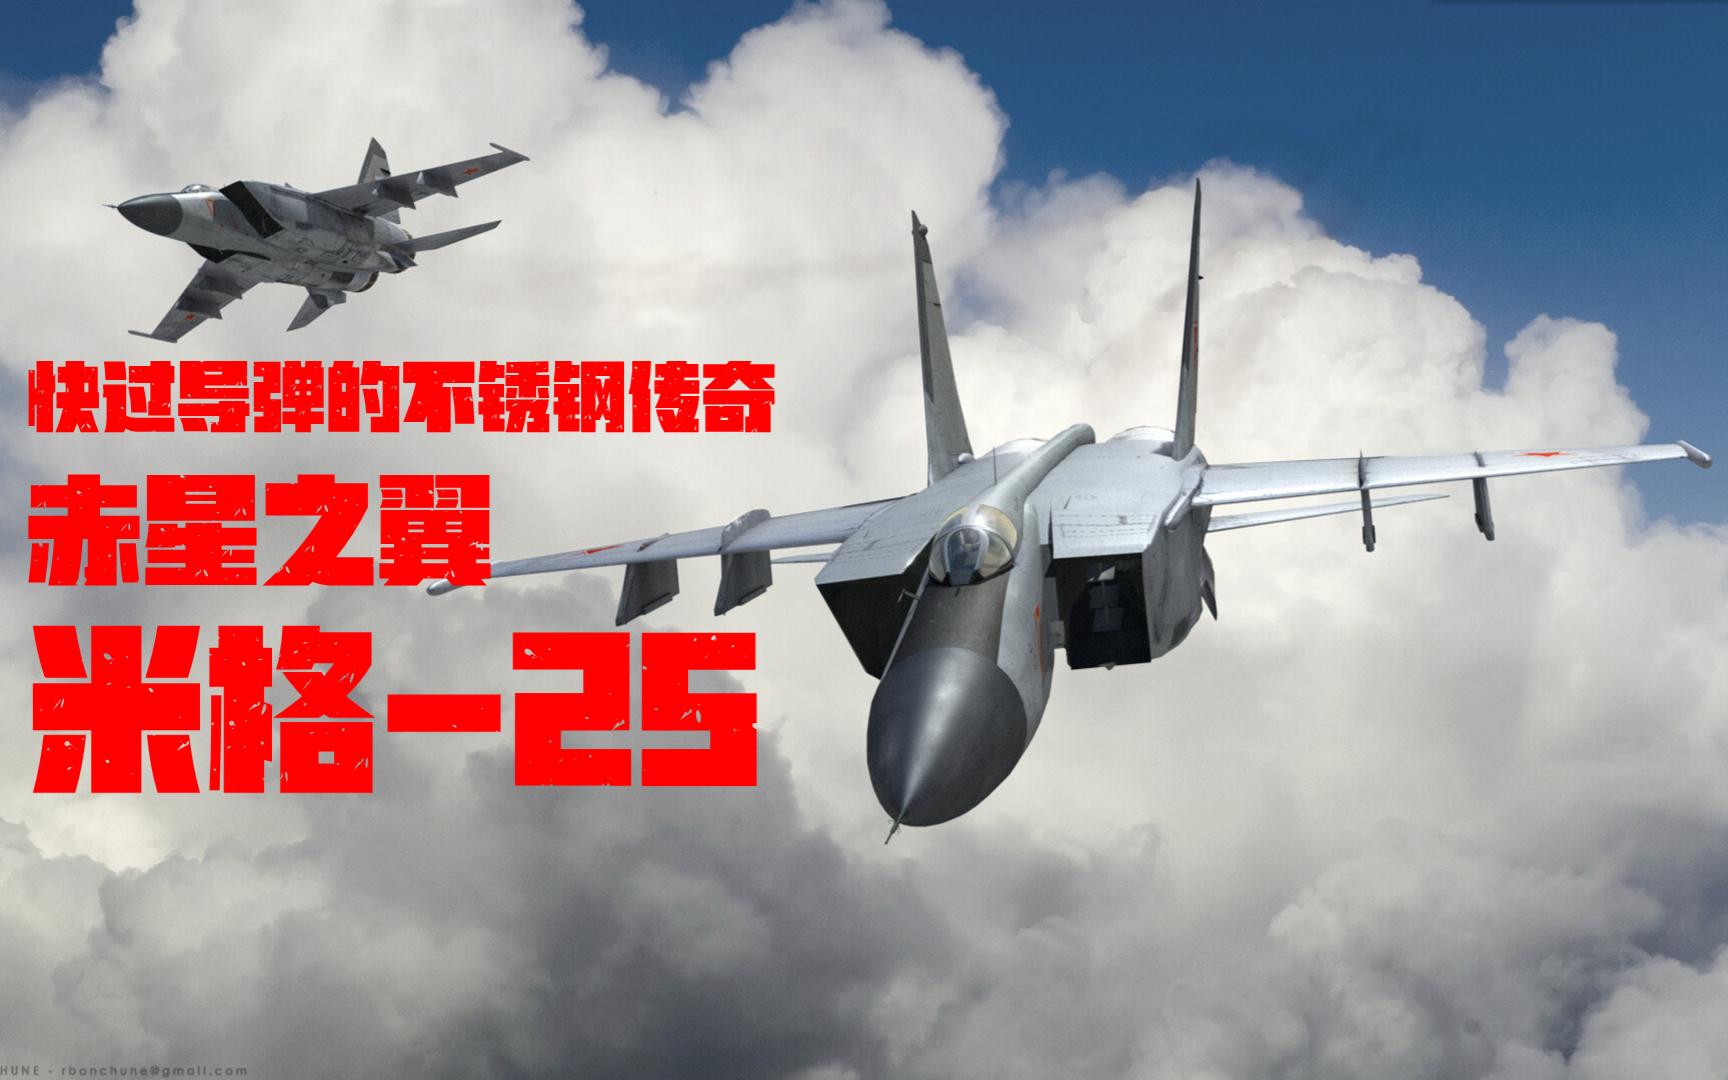 快过导弹的不锈钢传奇:赤星之翼-米格-25截击机